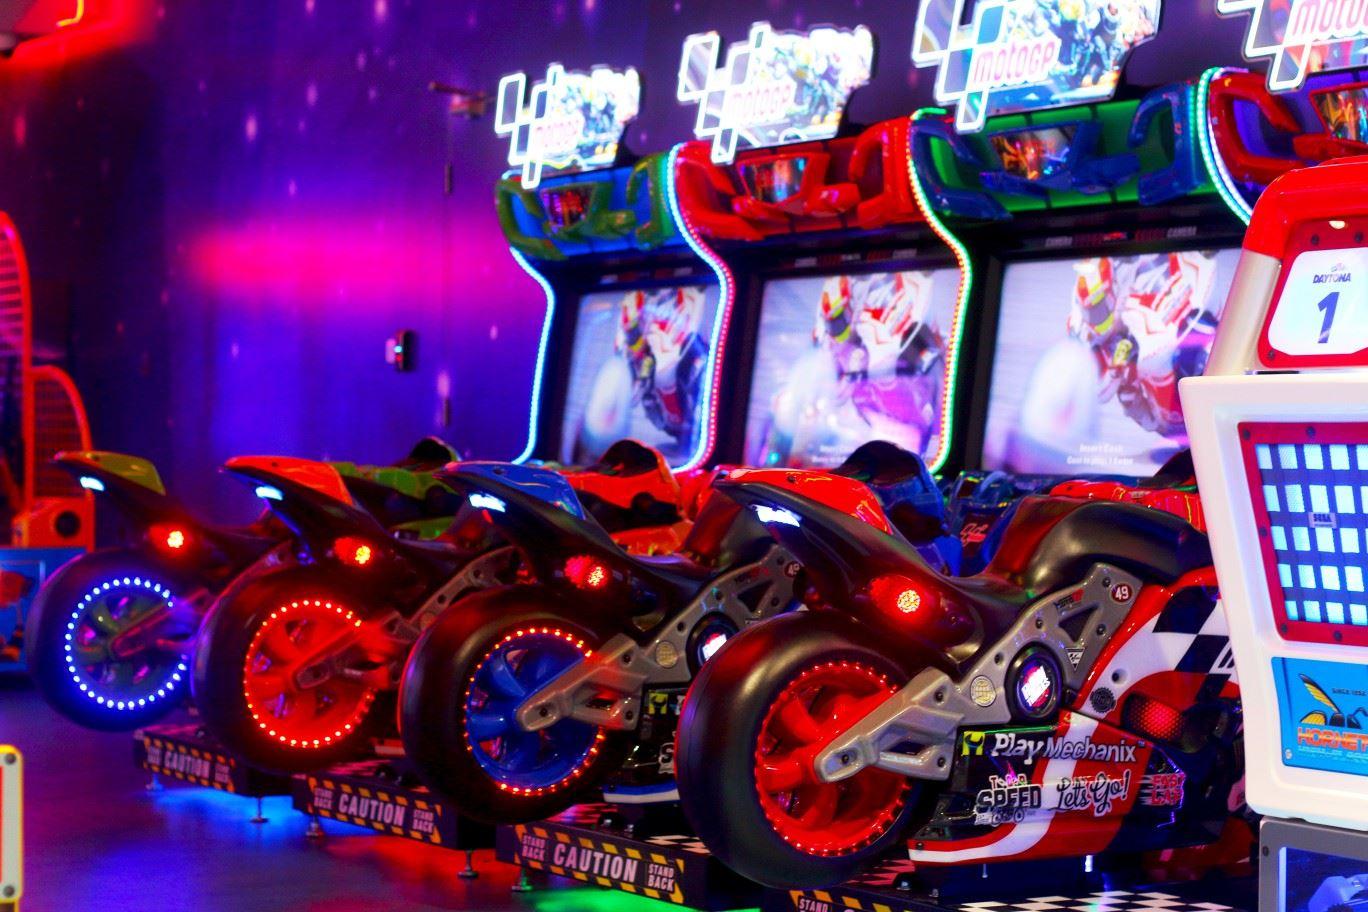 Moto GP game at Magic Planet Al Jimi Mall